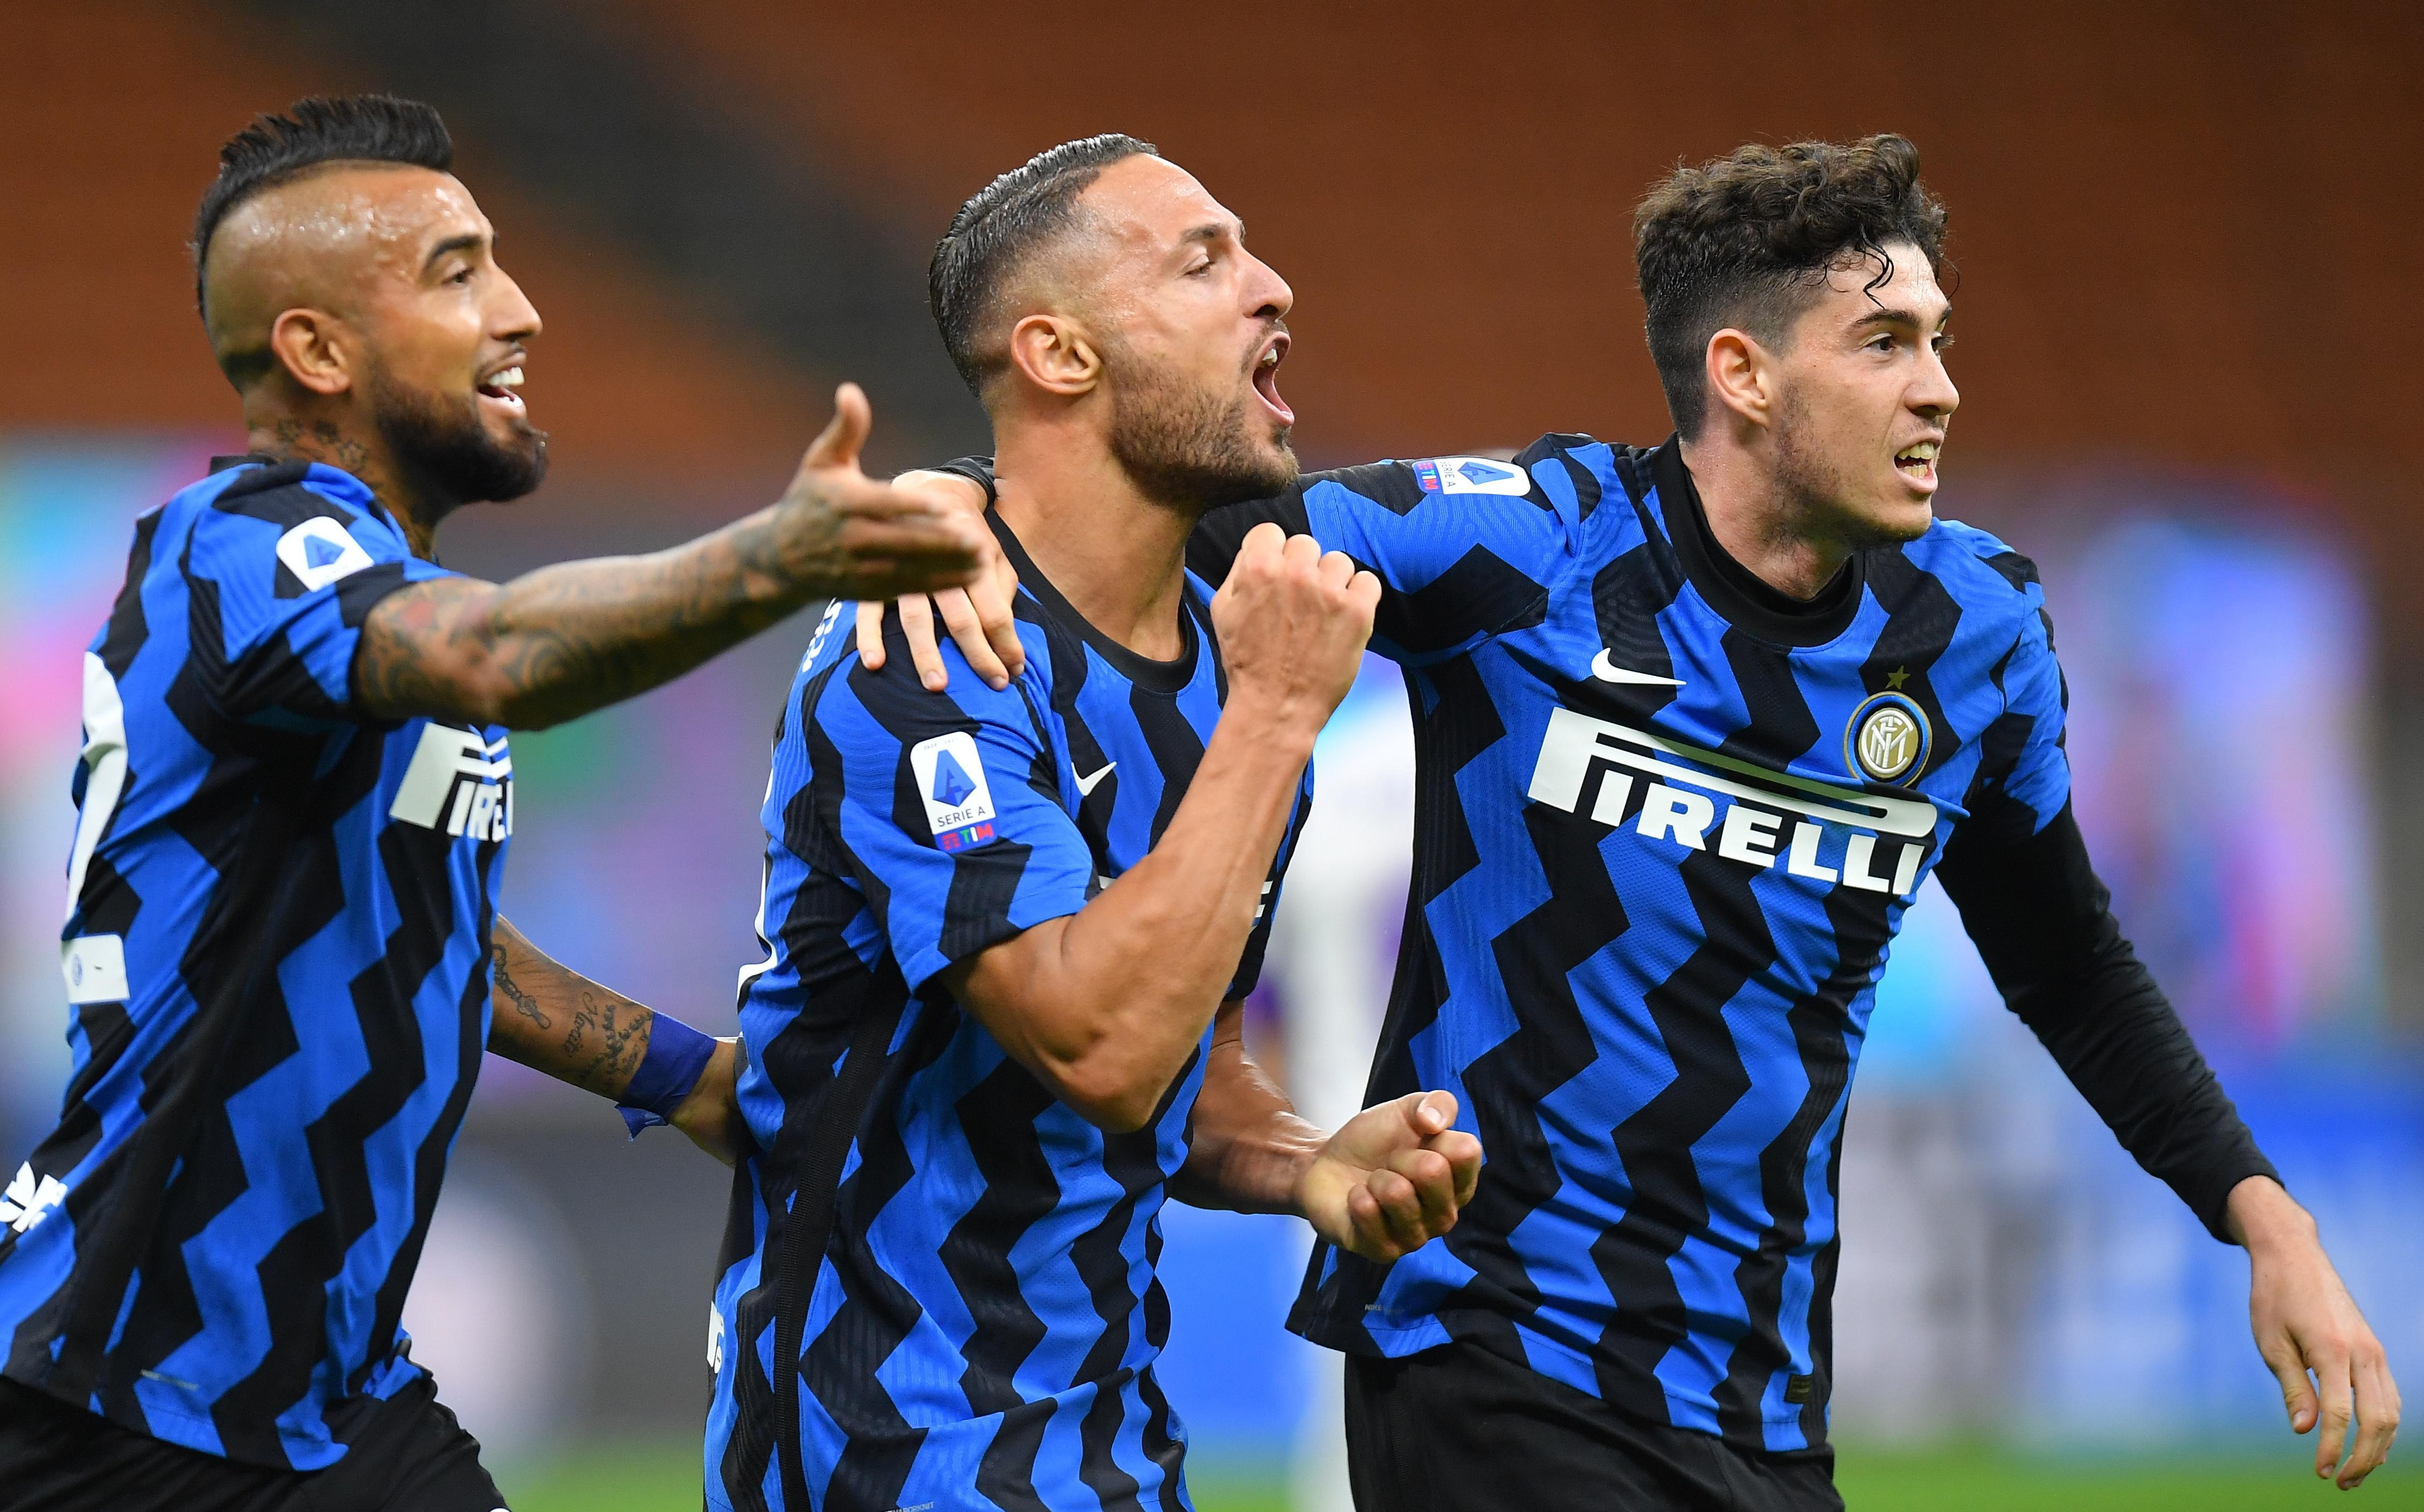 Inter startete mit knappem Heimsieg in neue Serie-A-Saison